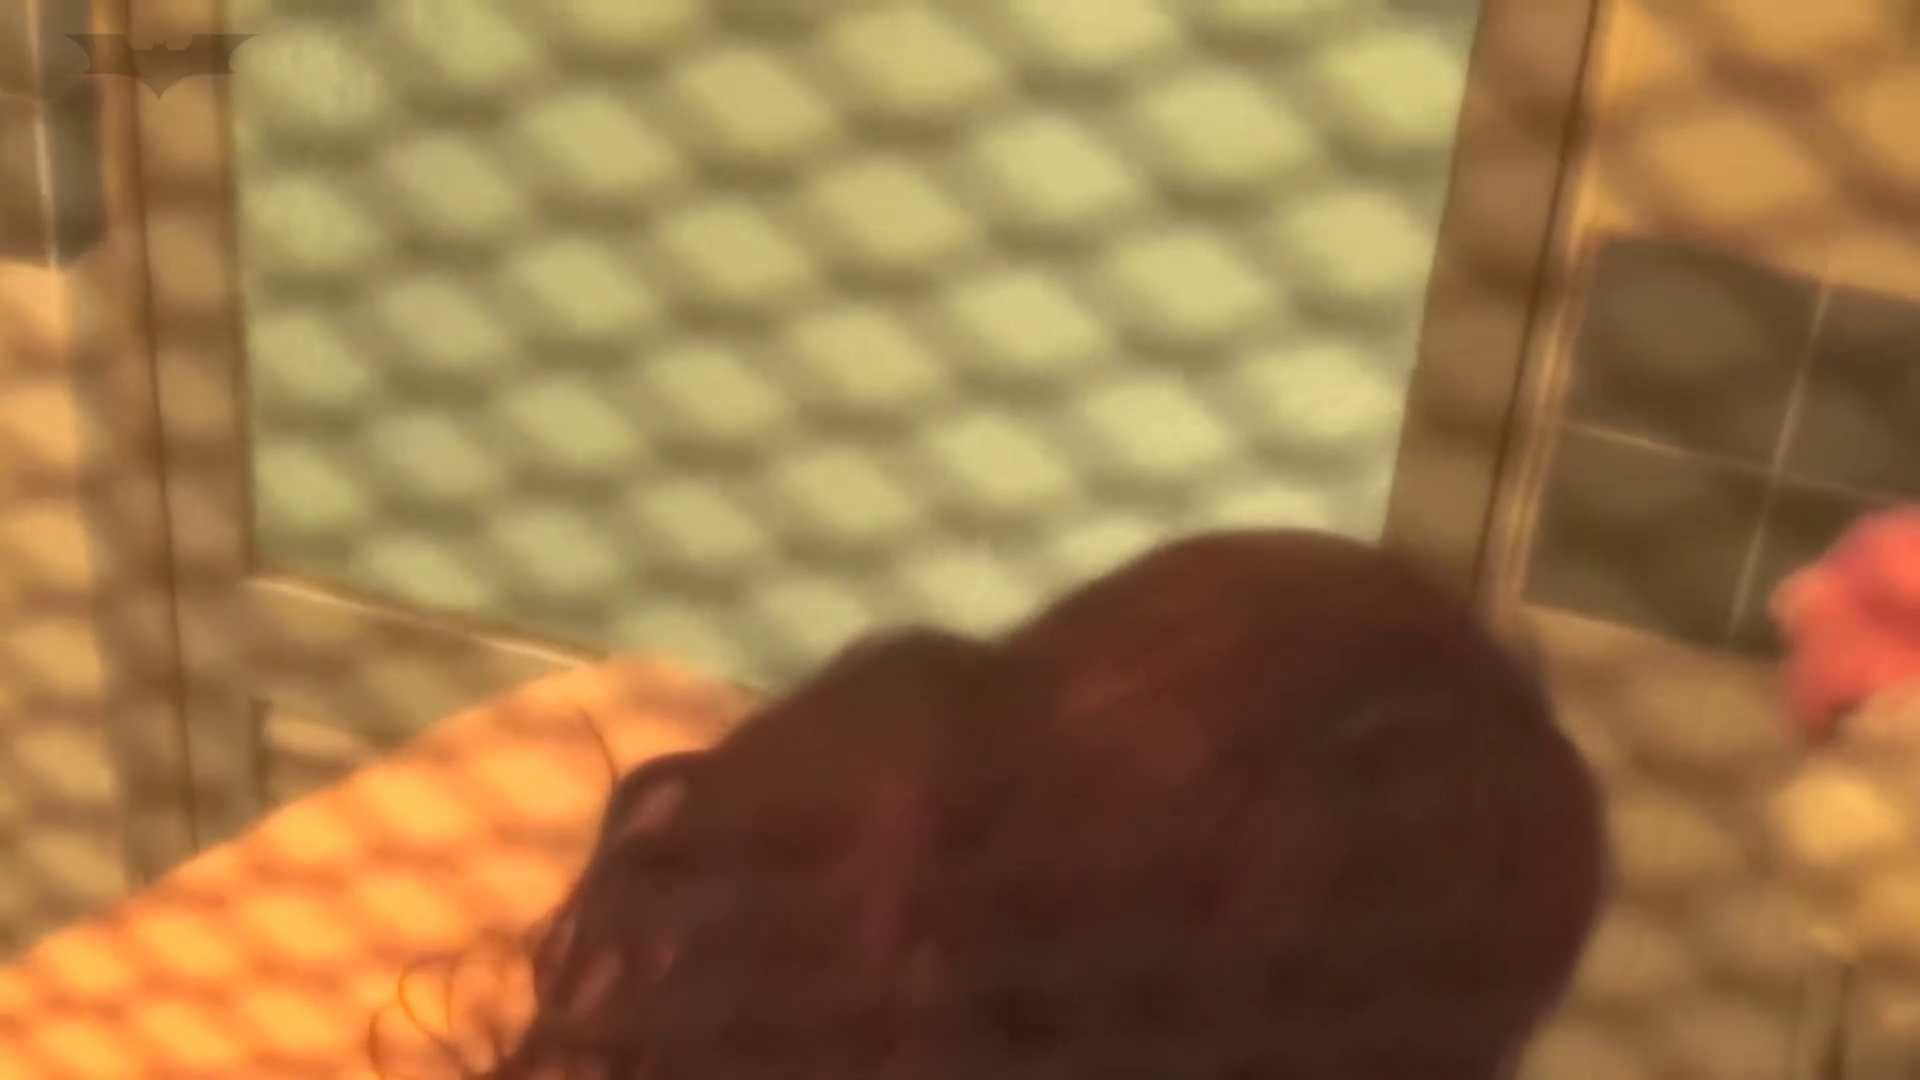 *華の女子寮ノゾキ* vol.01 JDデビューした音楽専攻のコ 女子寮 | 萌え女子大生  63連発 49